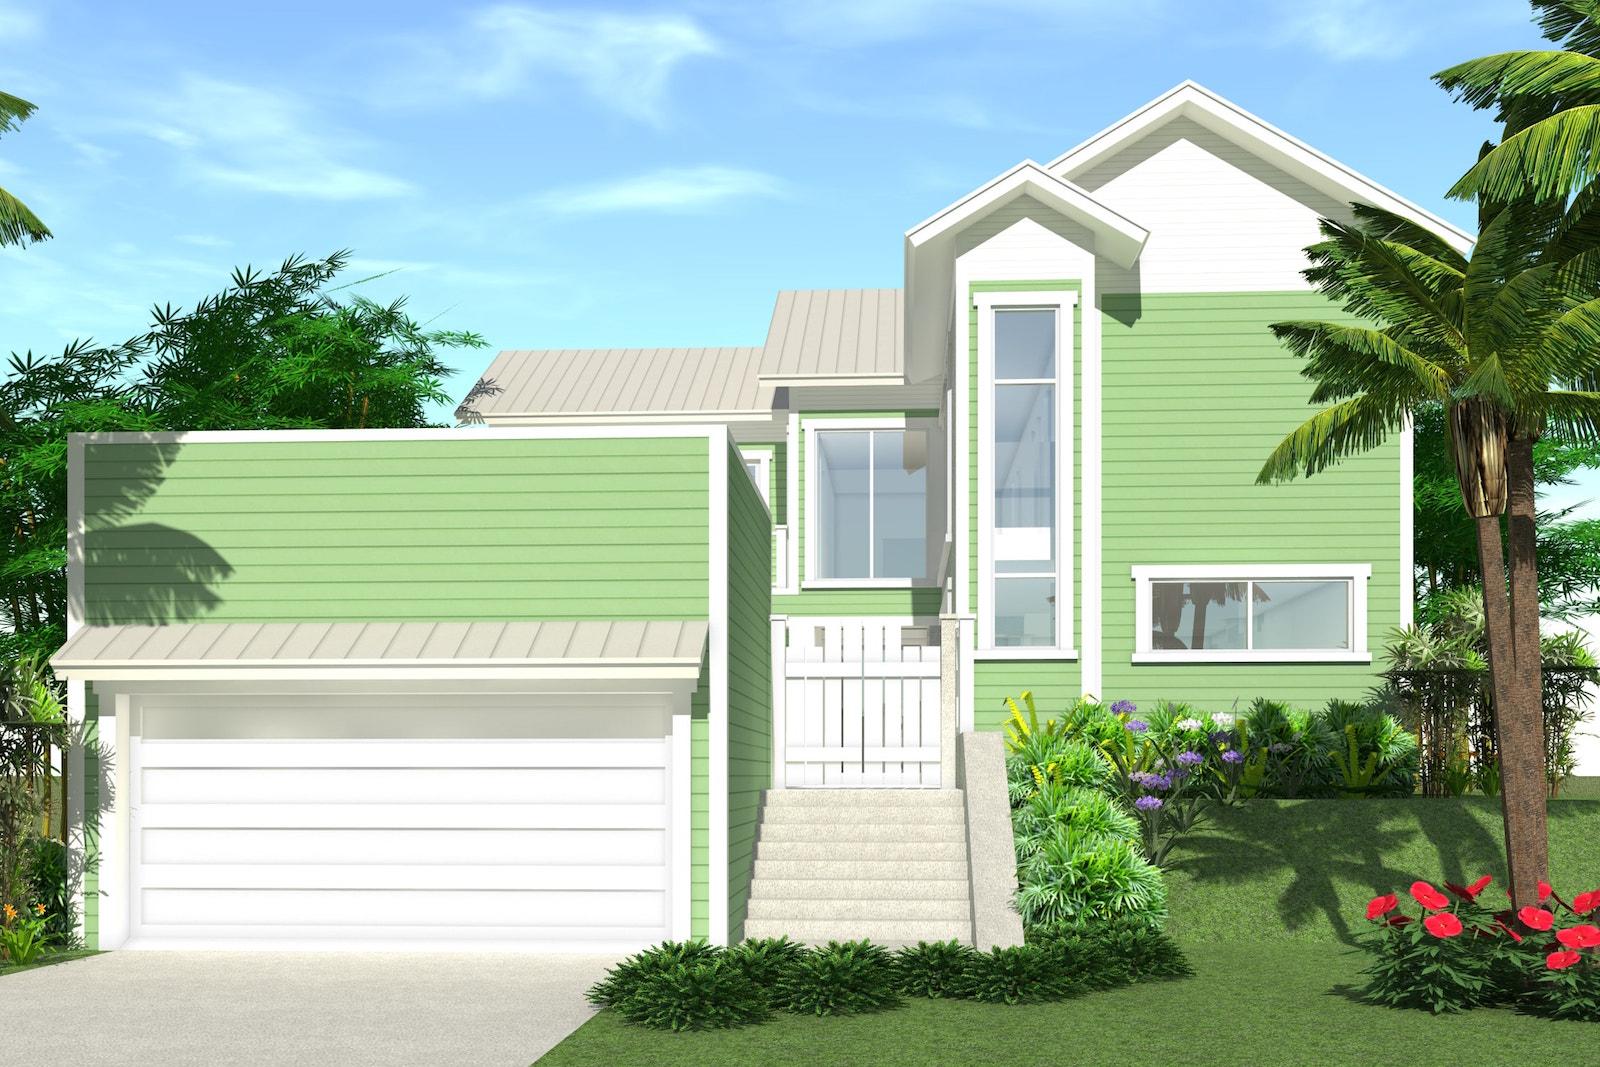 4 bedrm 2592 sq ft beachfront house plan 116 1021 for Beachfront home plans